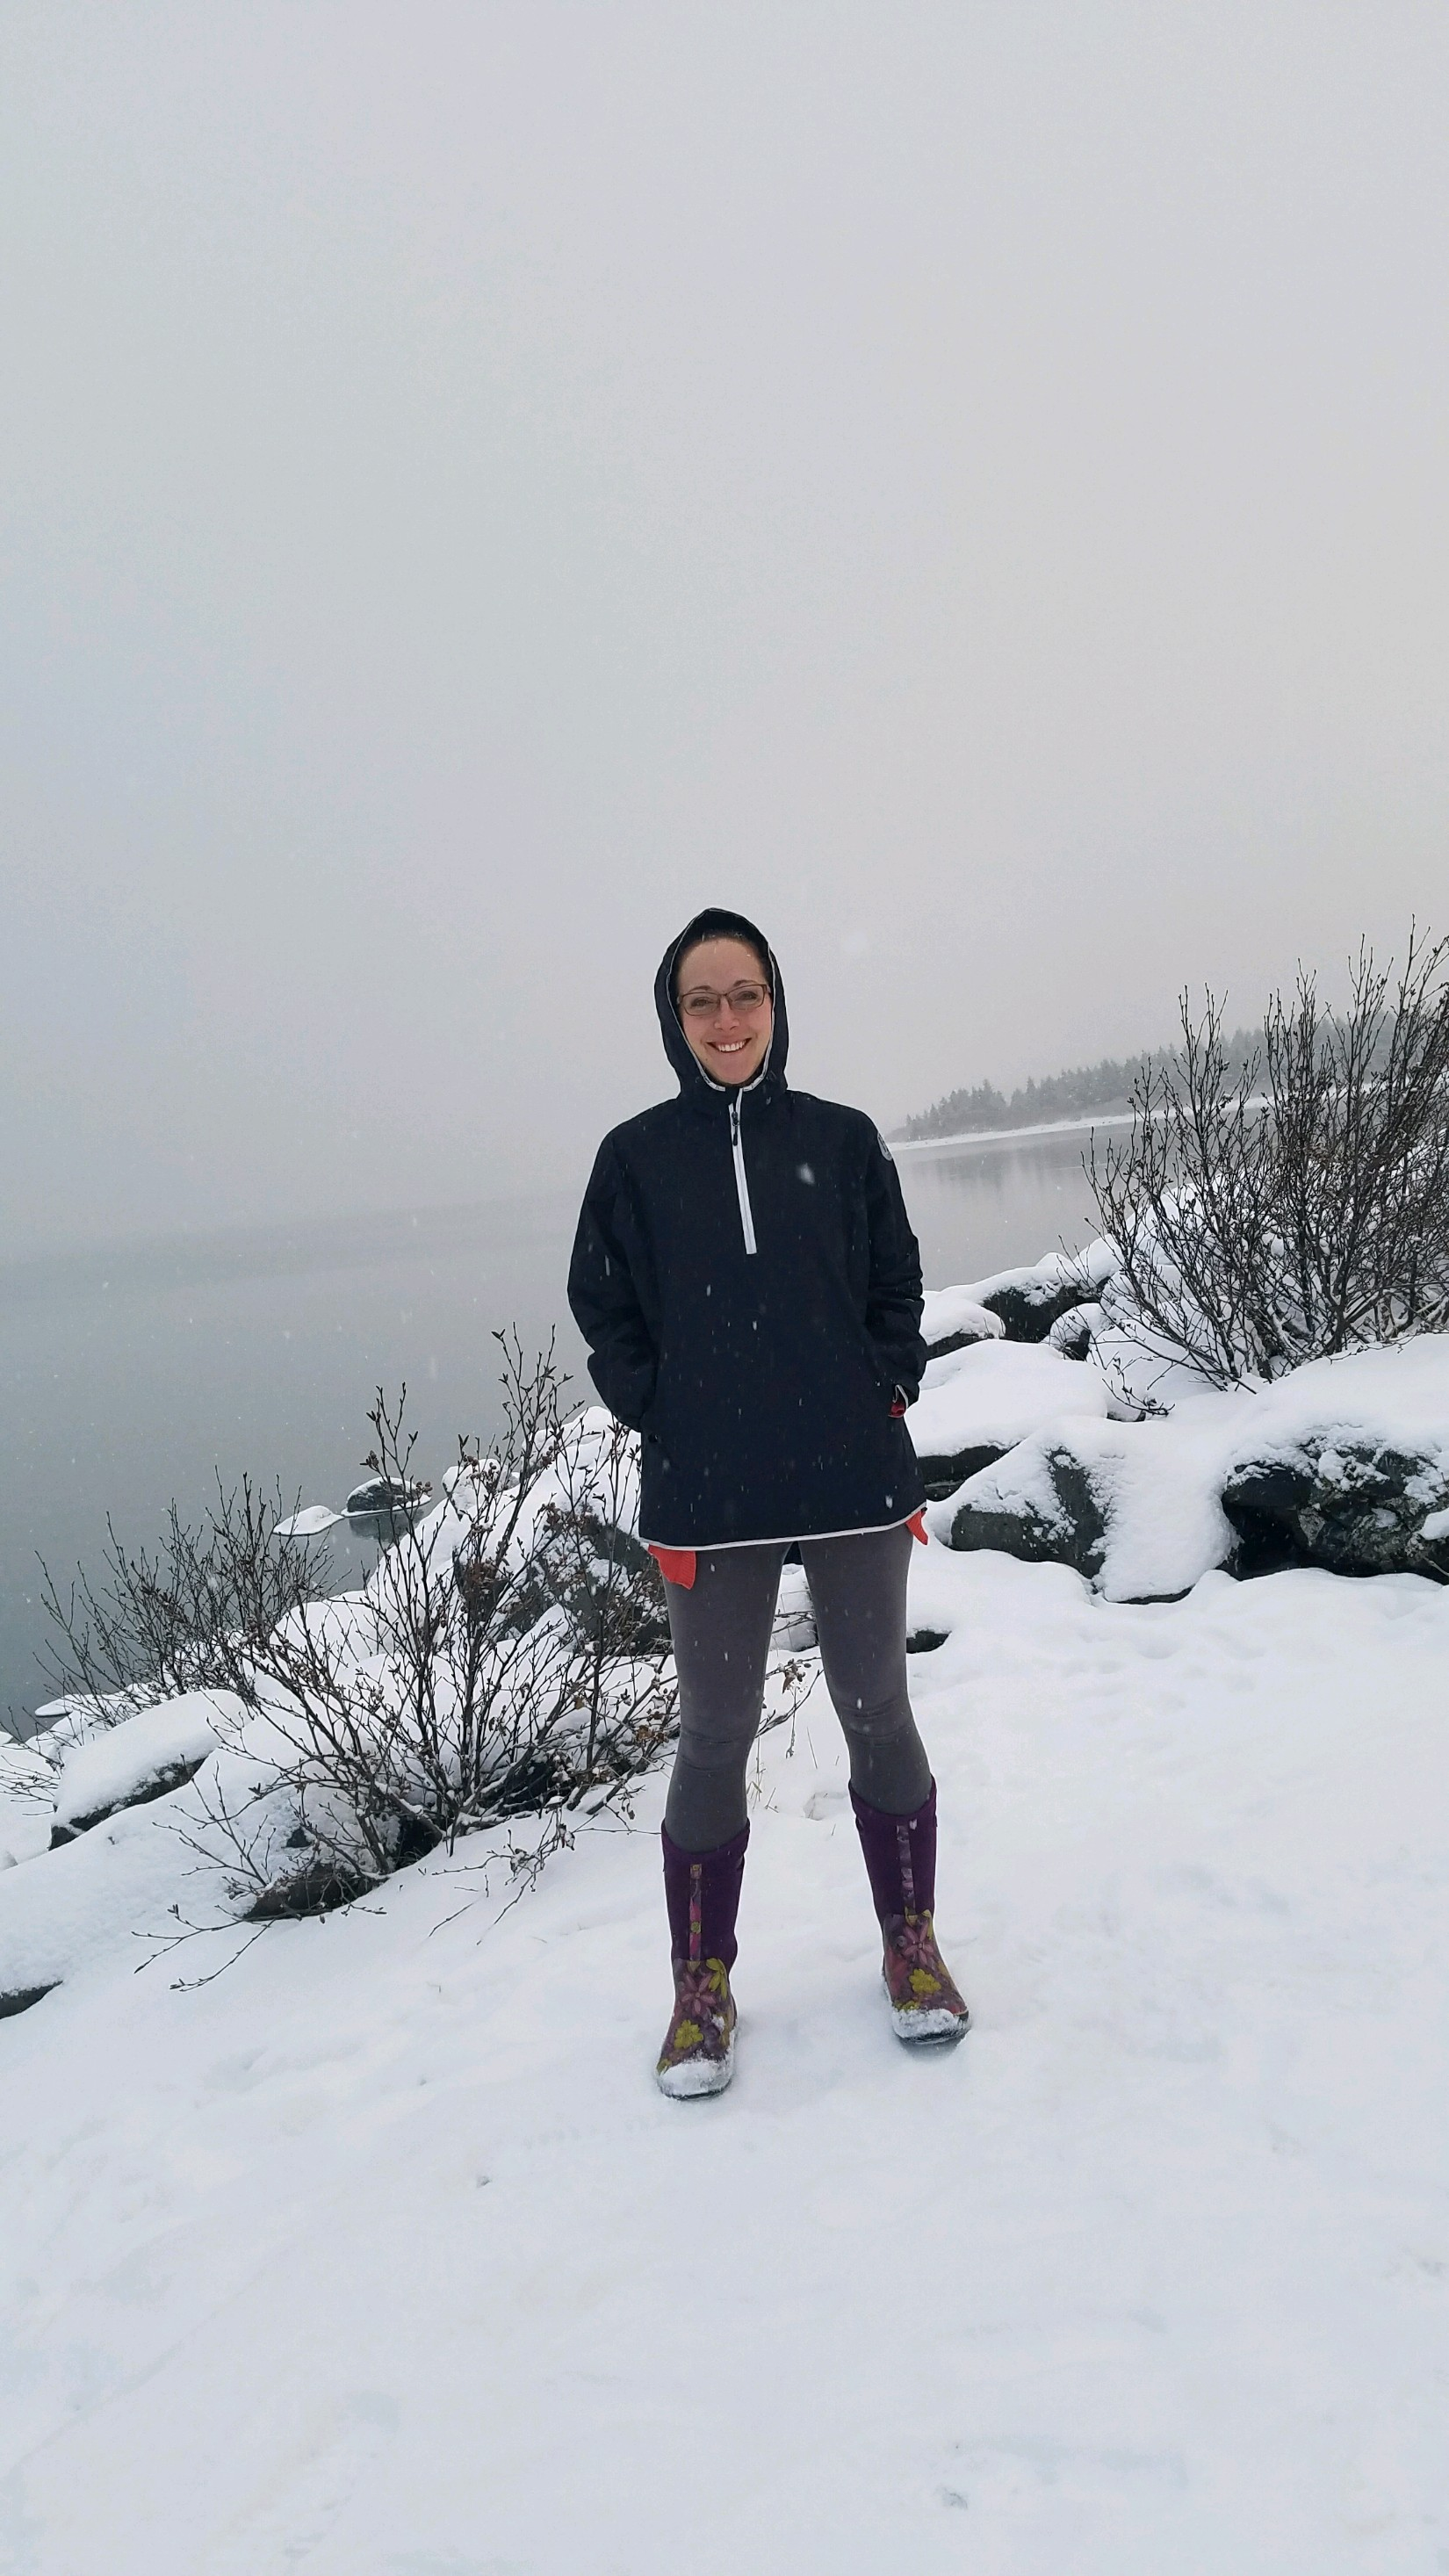 Life in Anchorage Alaska -7 degrees in November